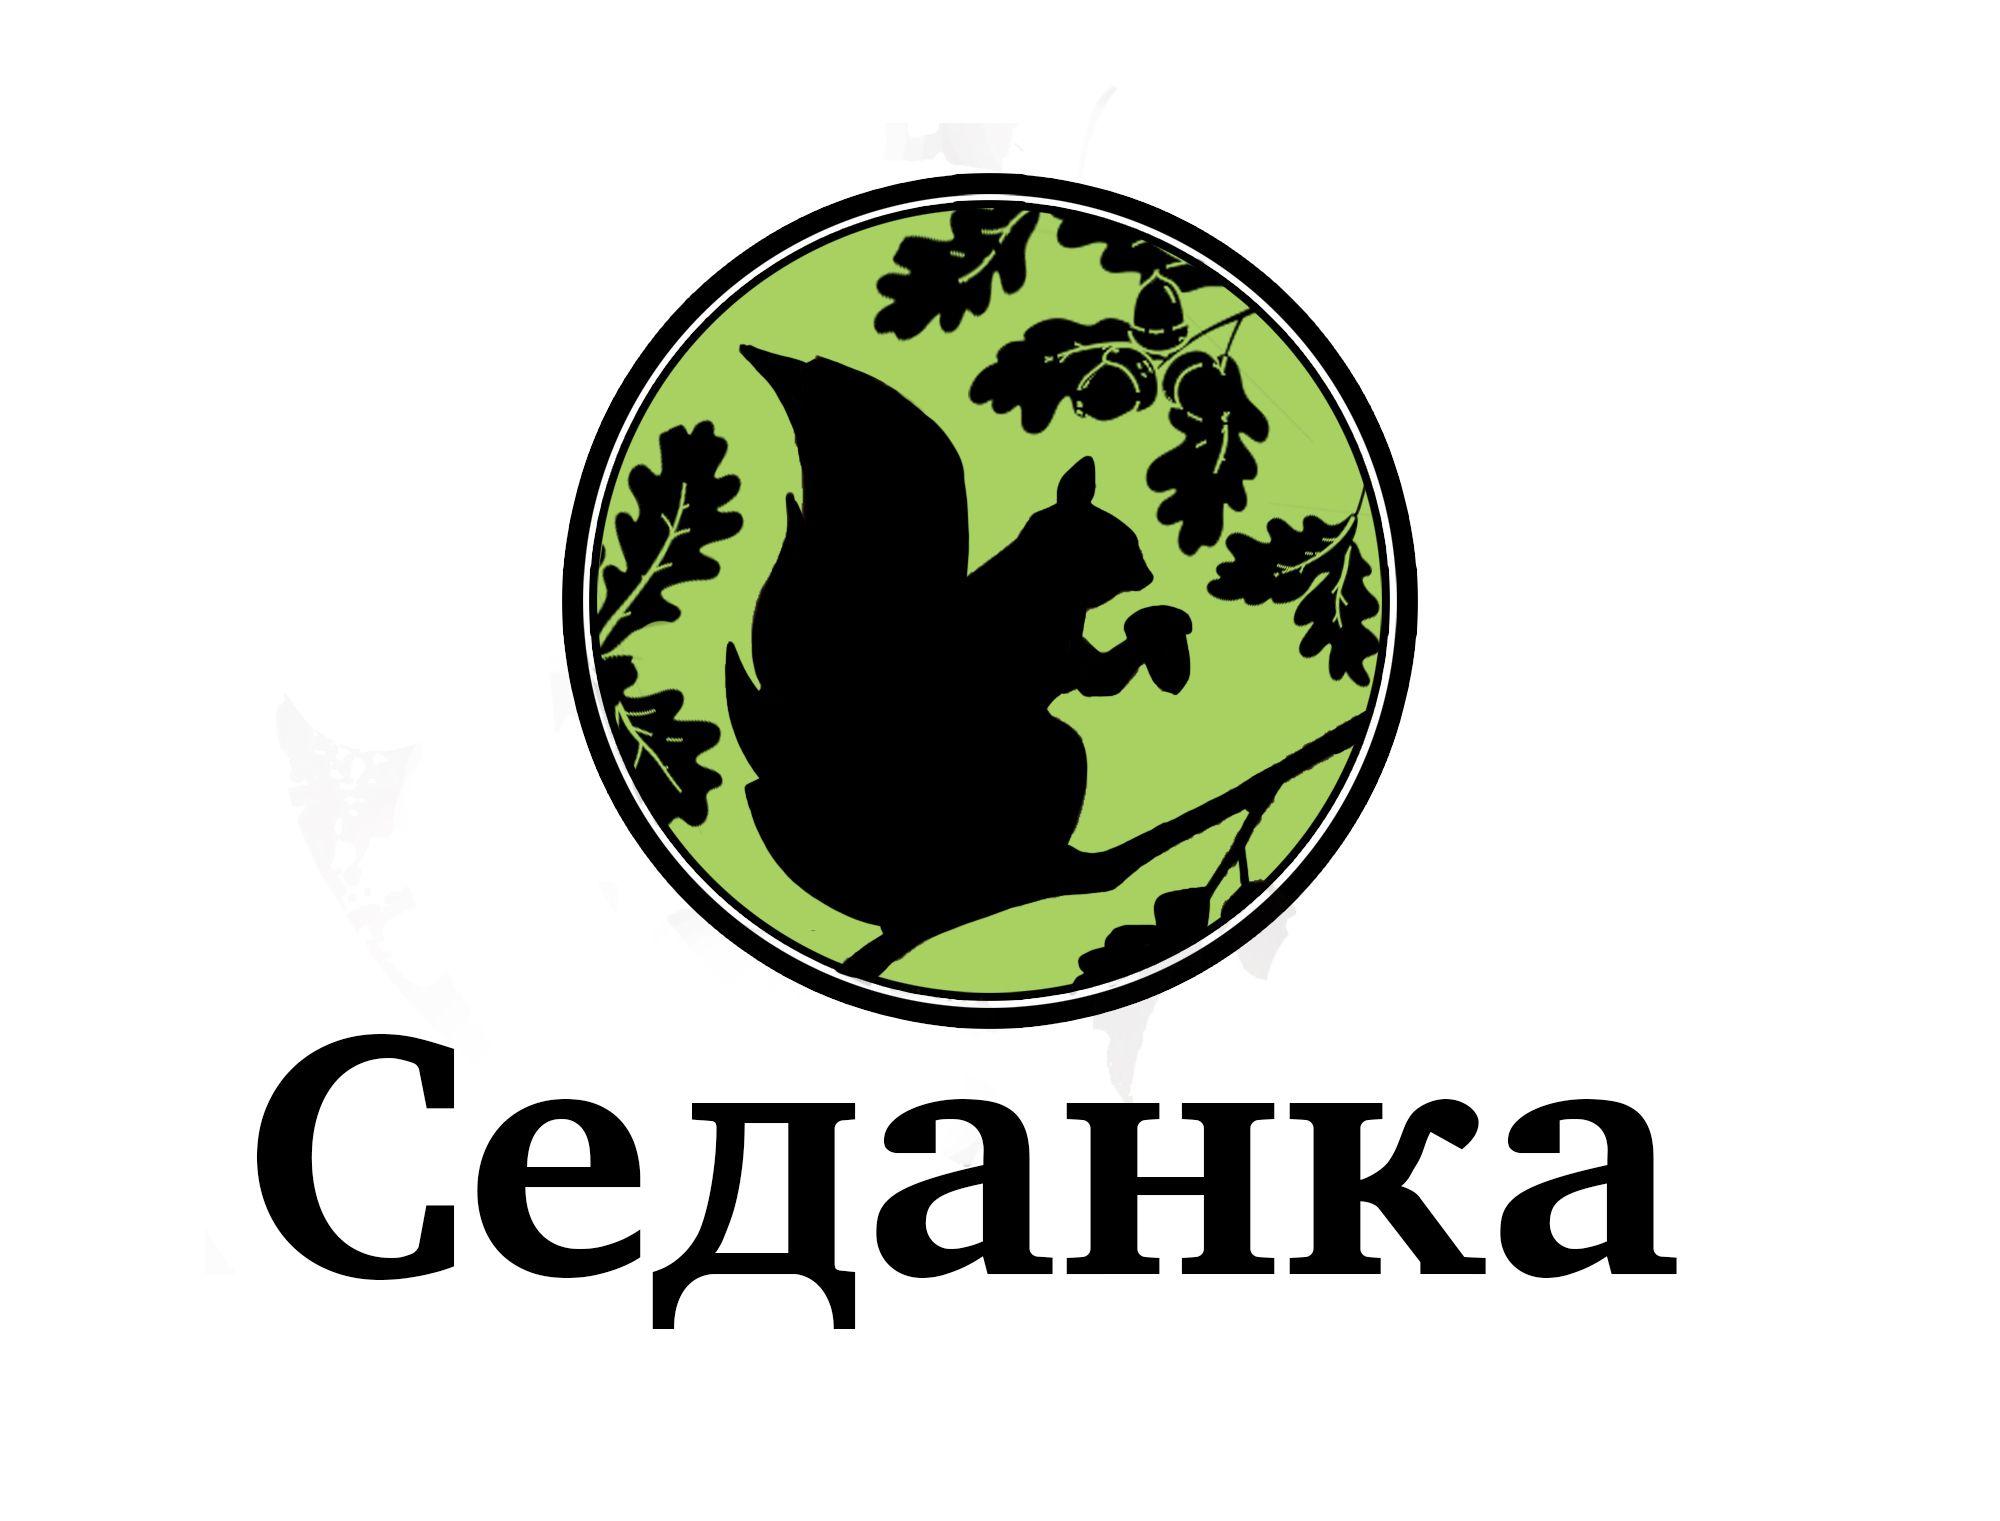 Логотип для центра отдыха - дизайнер likuem